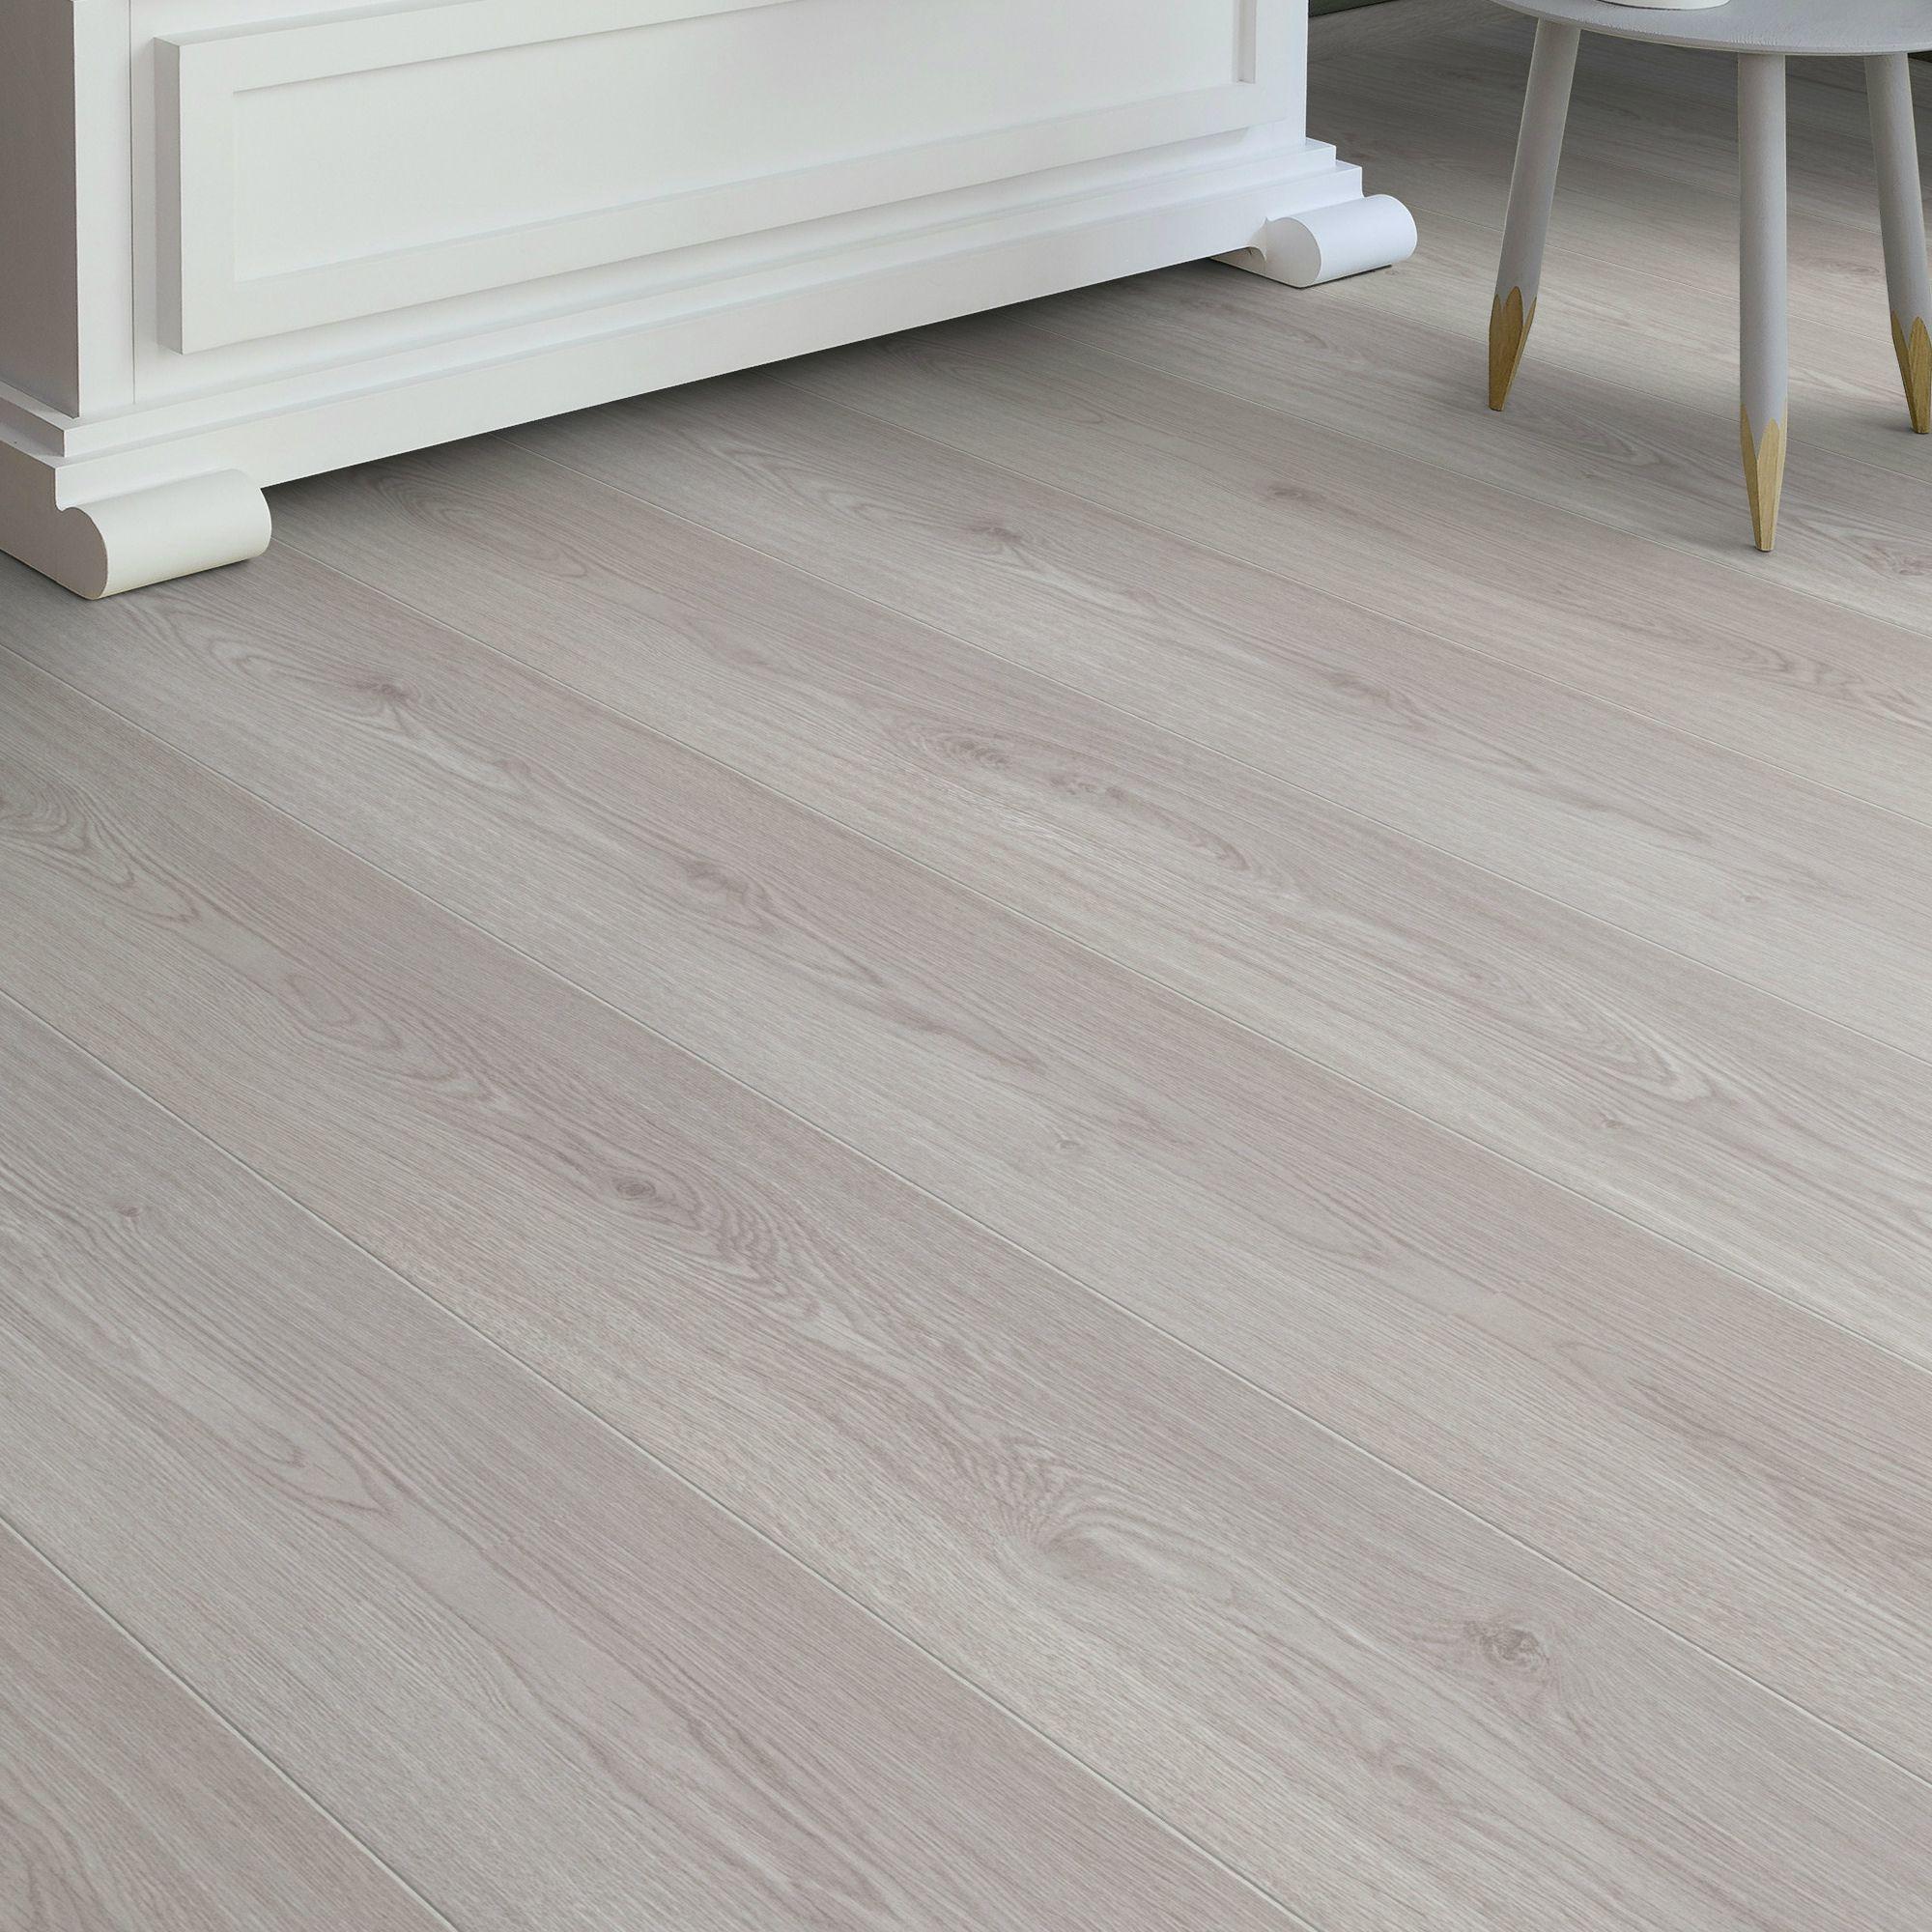 Grey Wooden Flooring